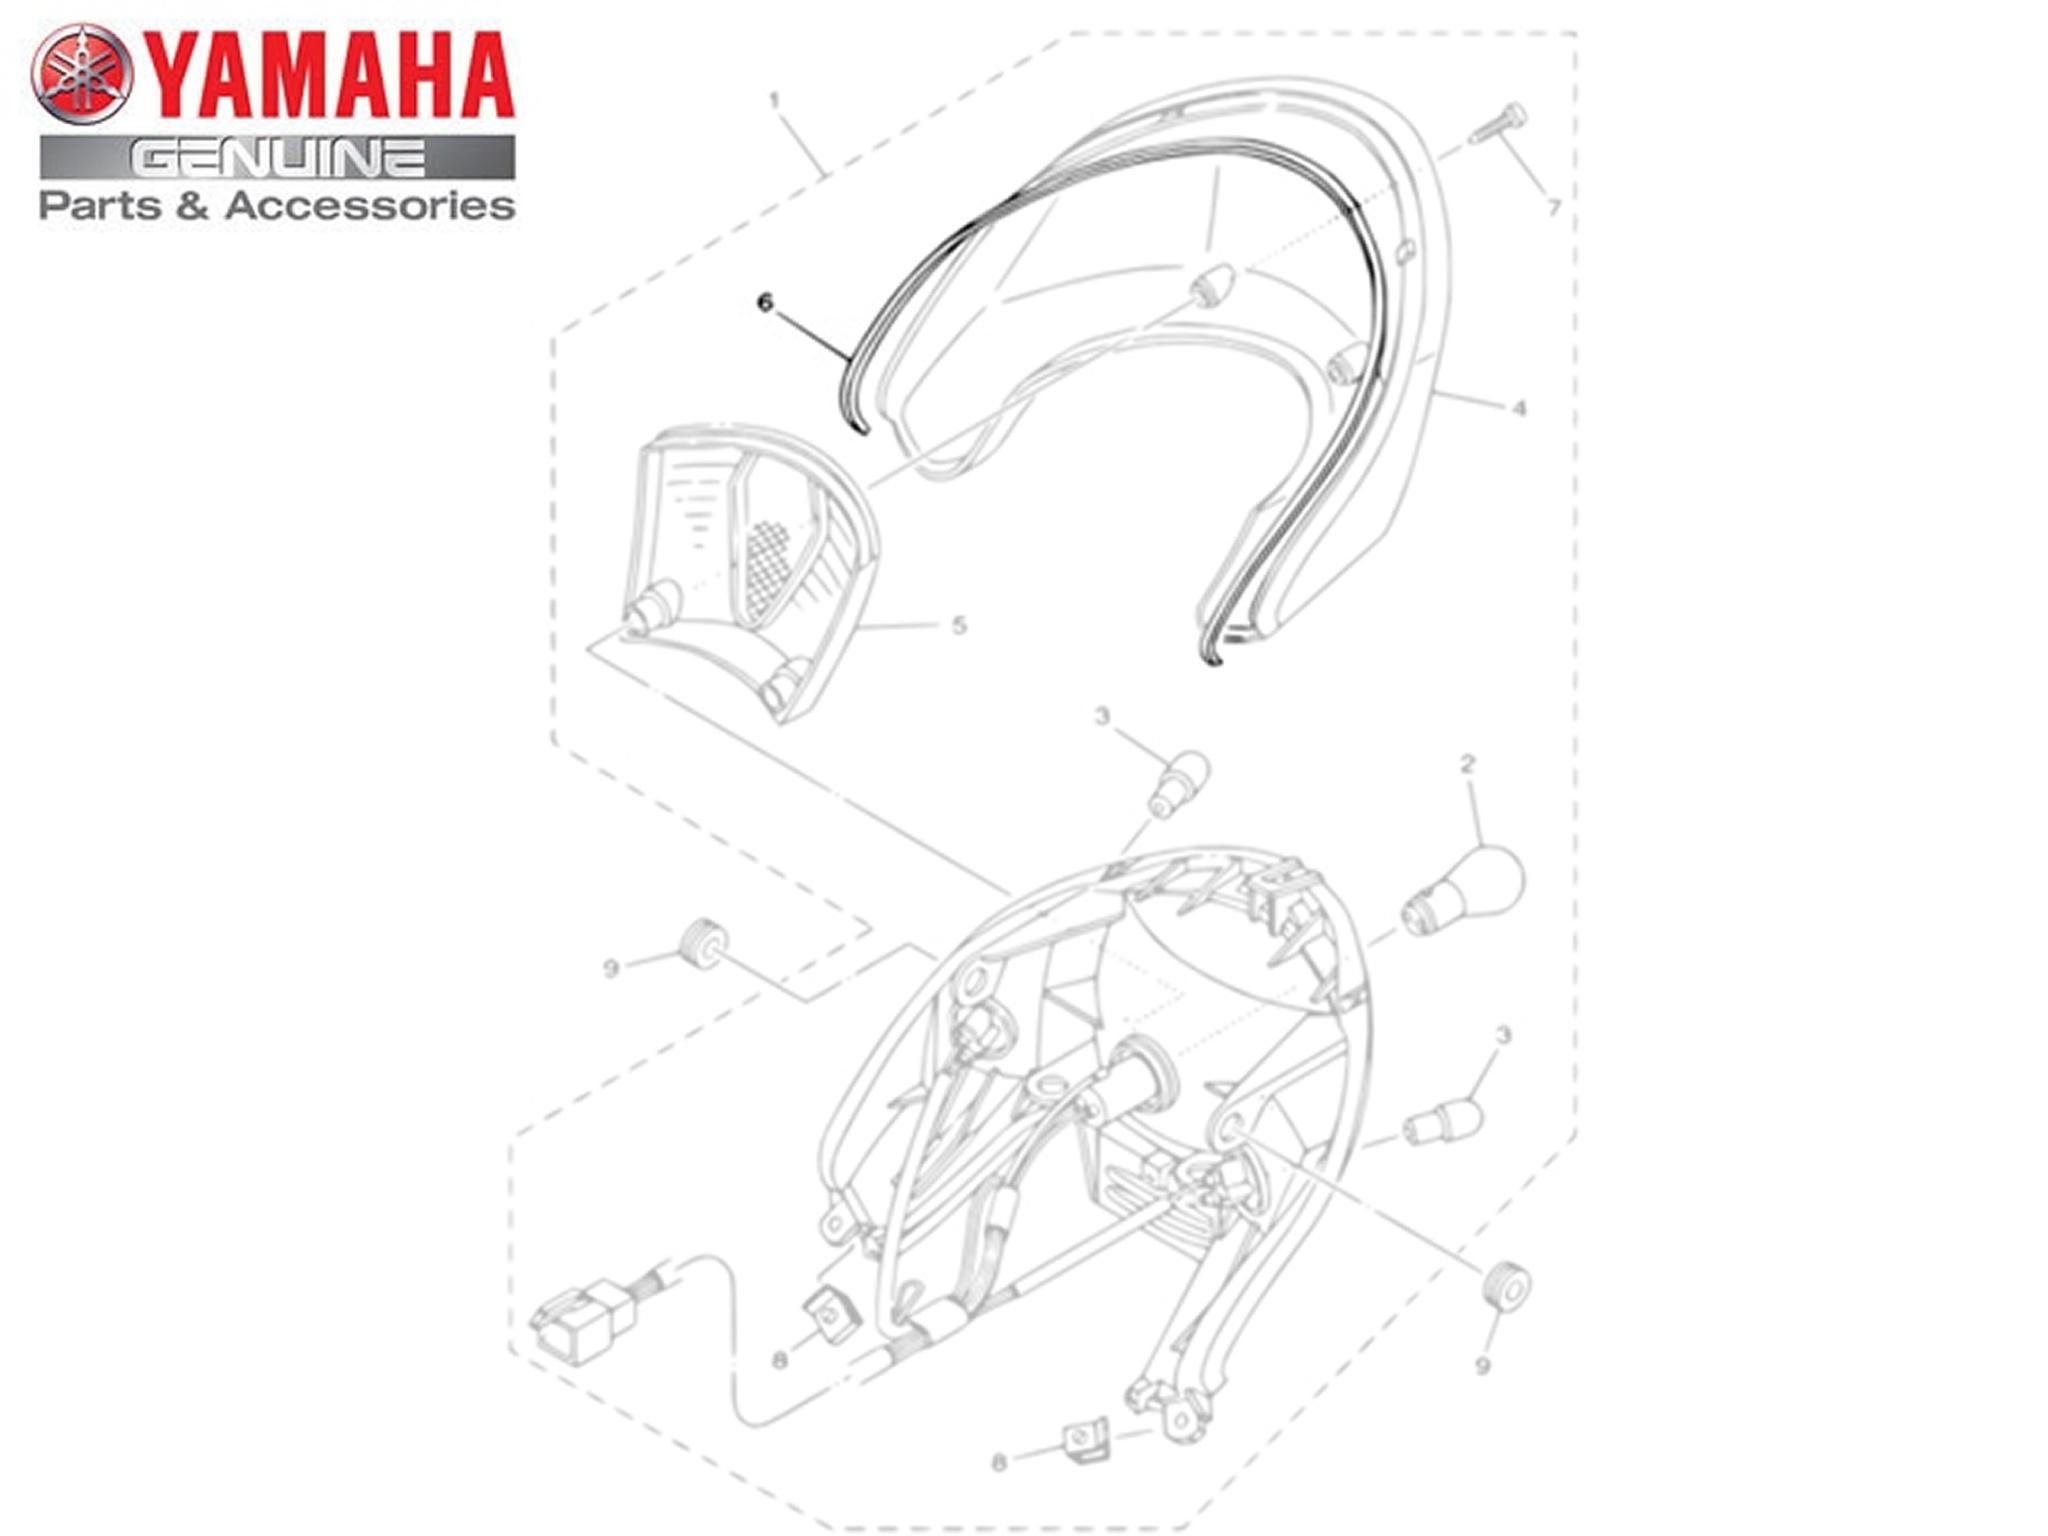 Gaxeta da Lanterna Traseira para Yamaha NEO AT 115 de 2008